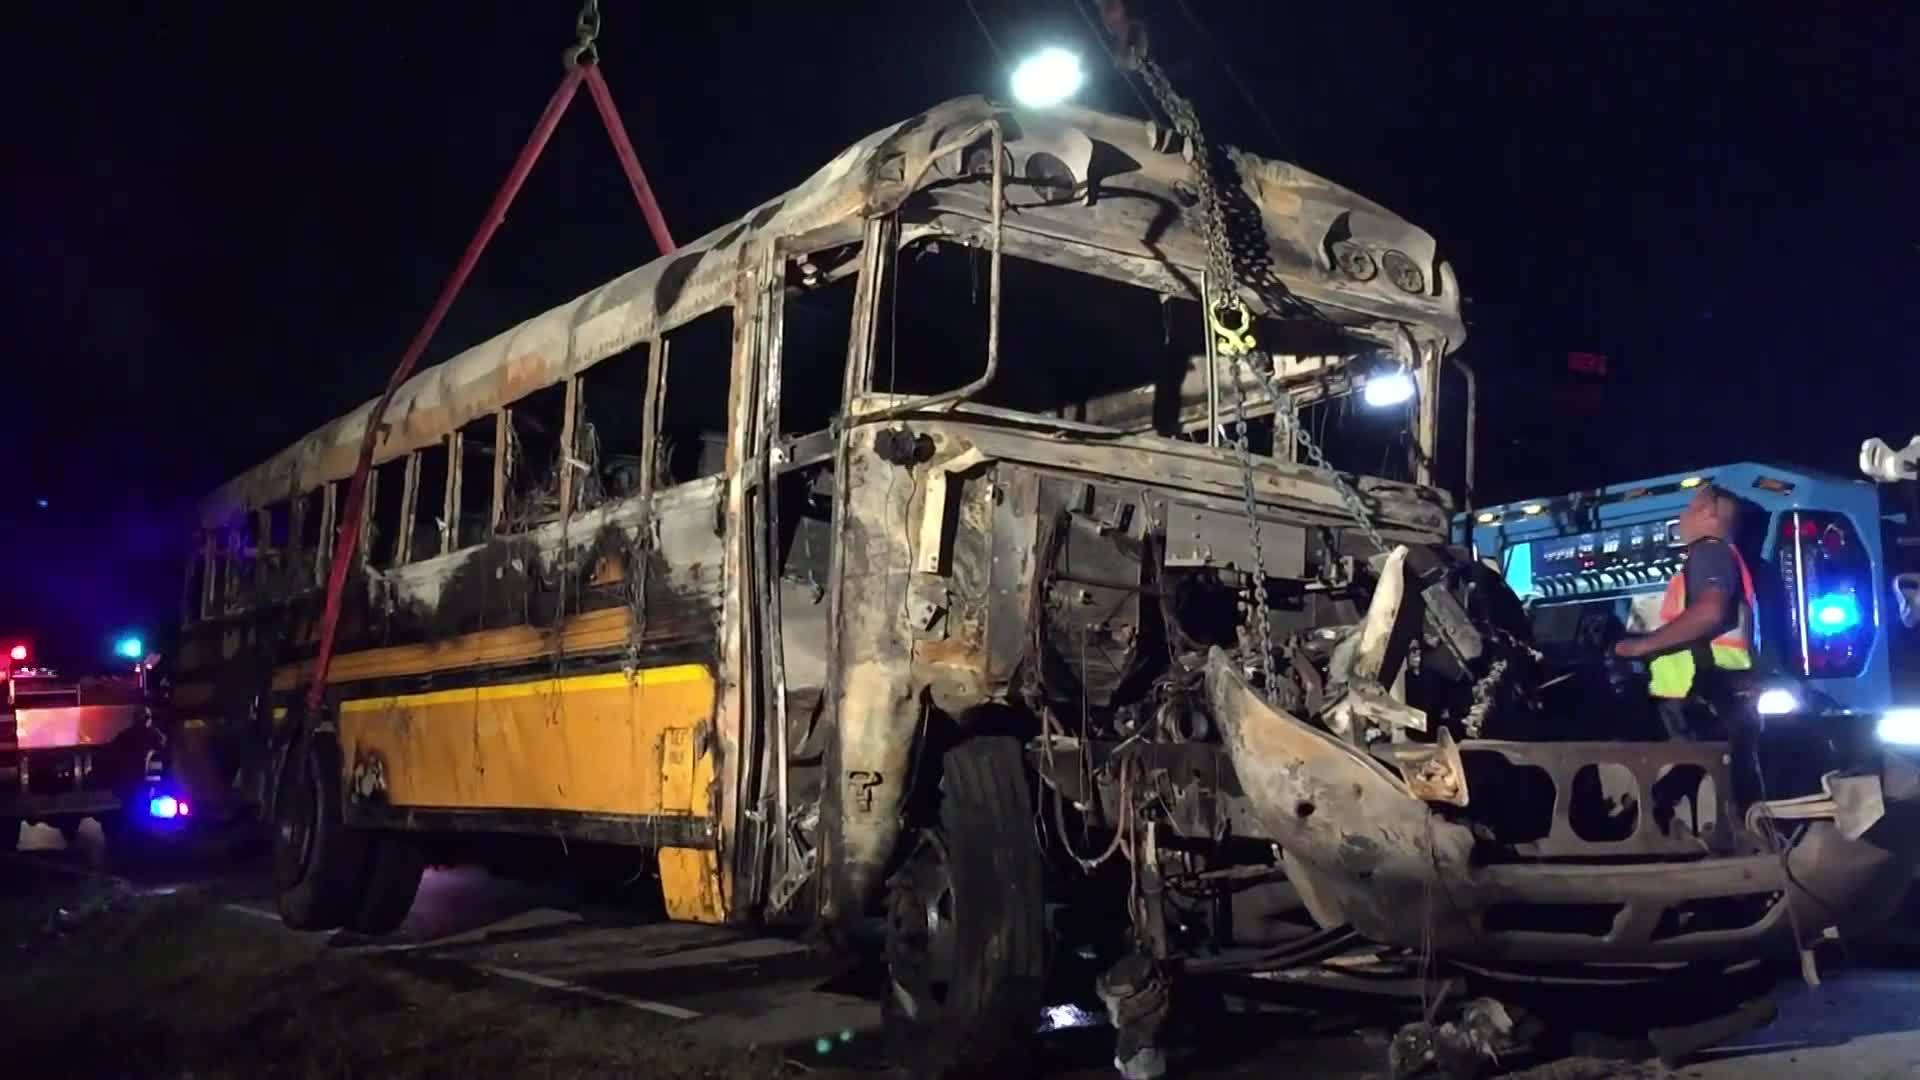 Newton_County__MO_Deadly_Bus_Crash_0_20181004182728